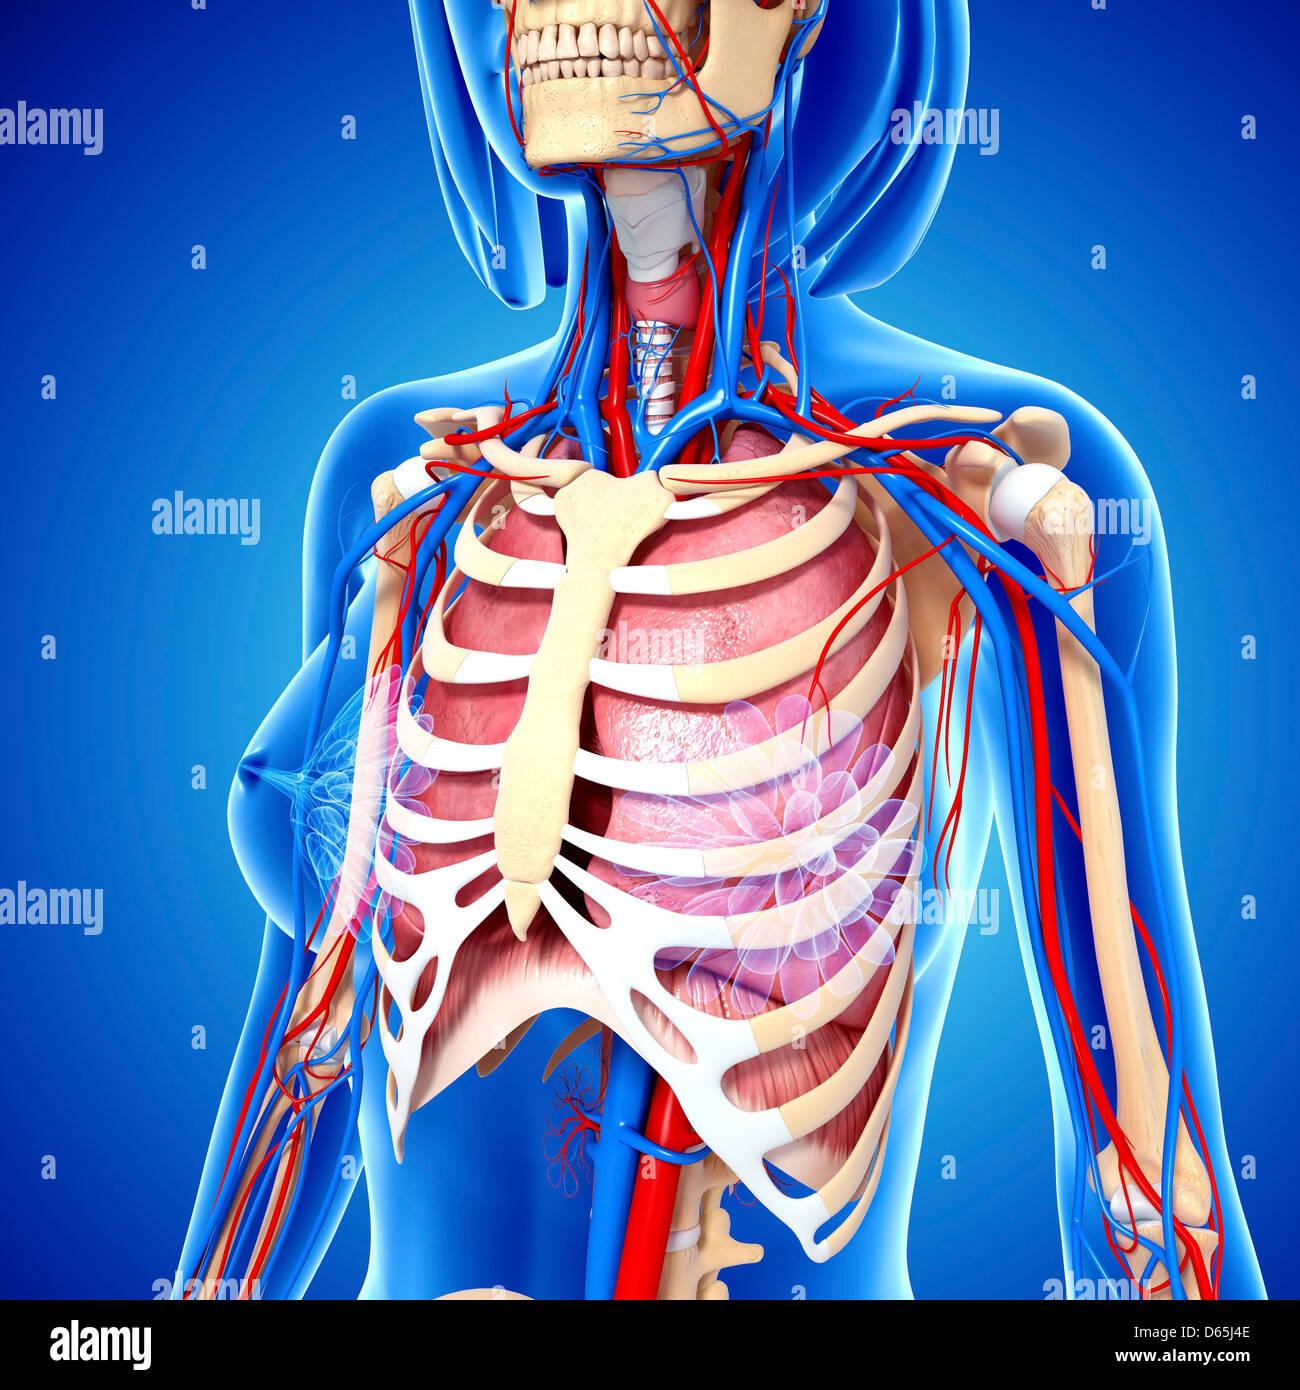 Großzügig Weibliche Anatomie Videos Fotos - Menschliche Anatomie ...